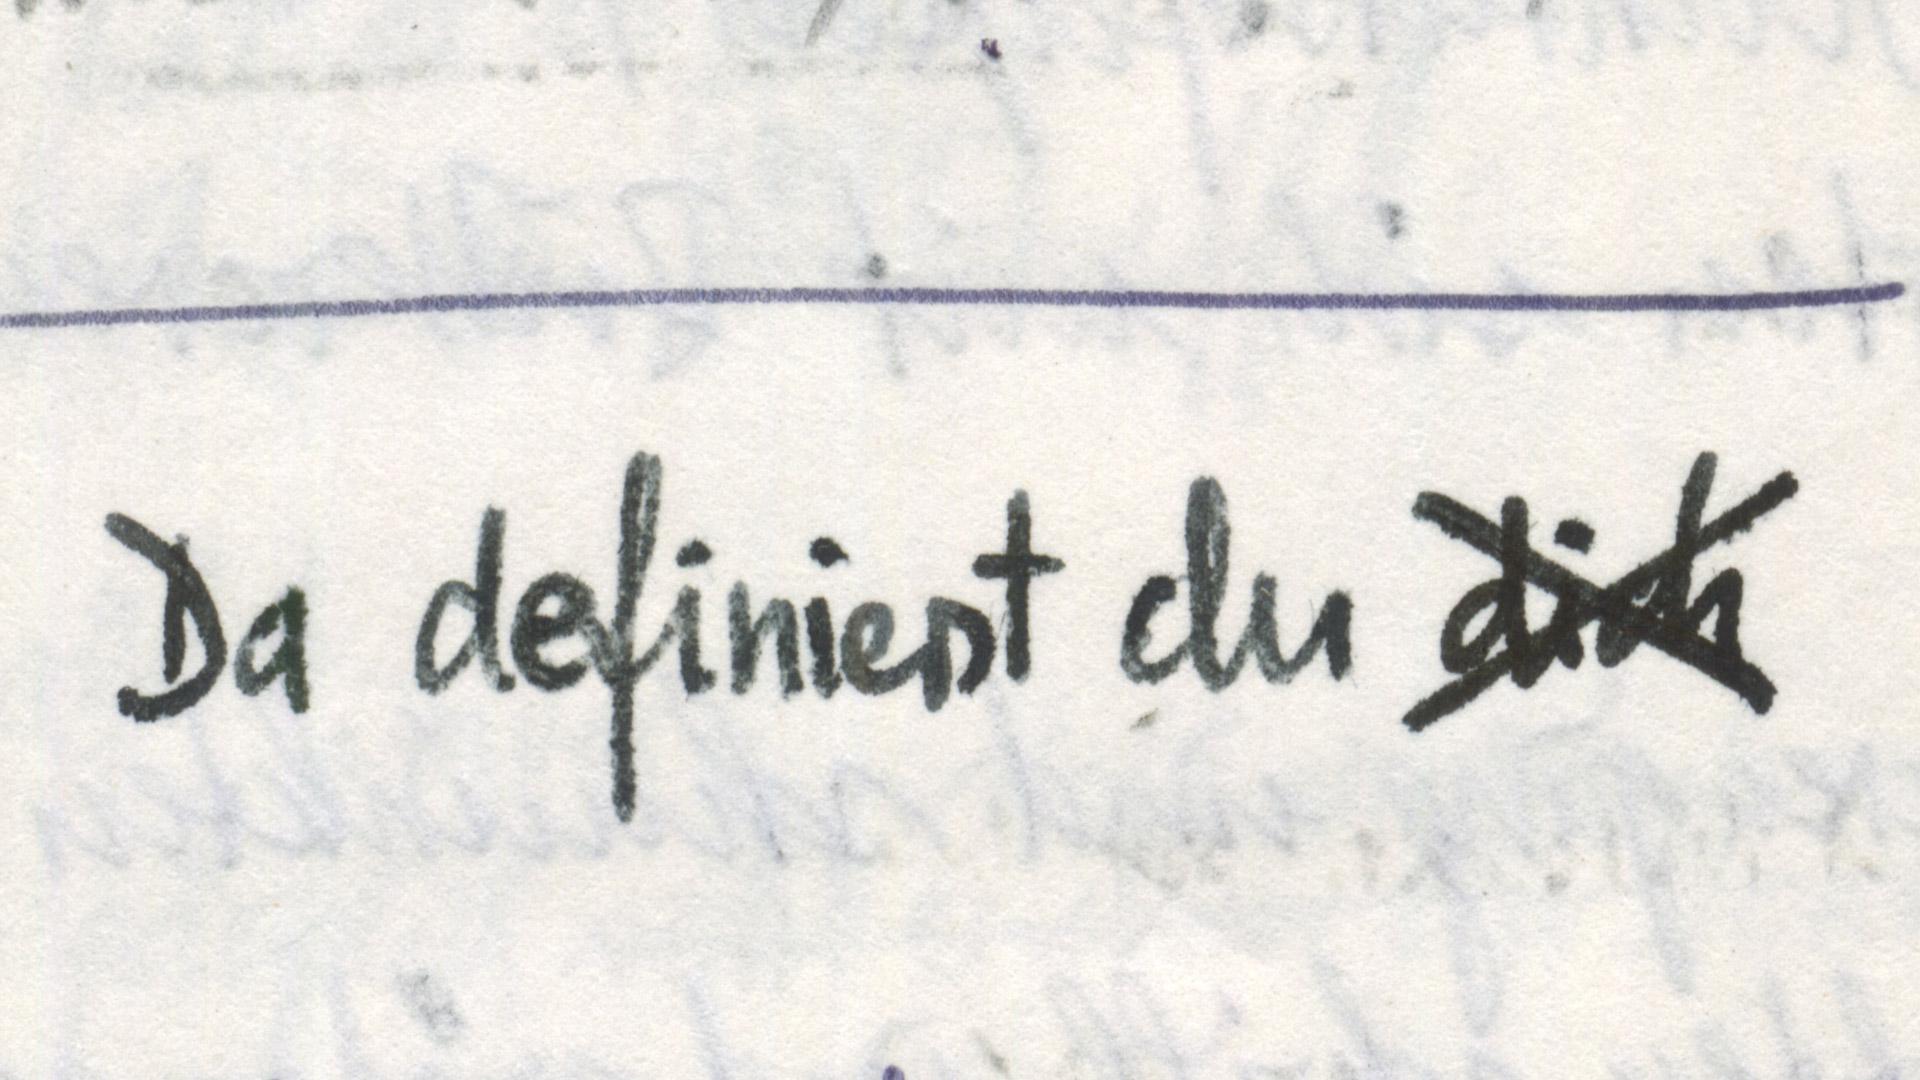 Da_definierst_du